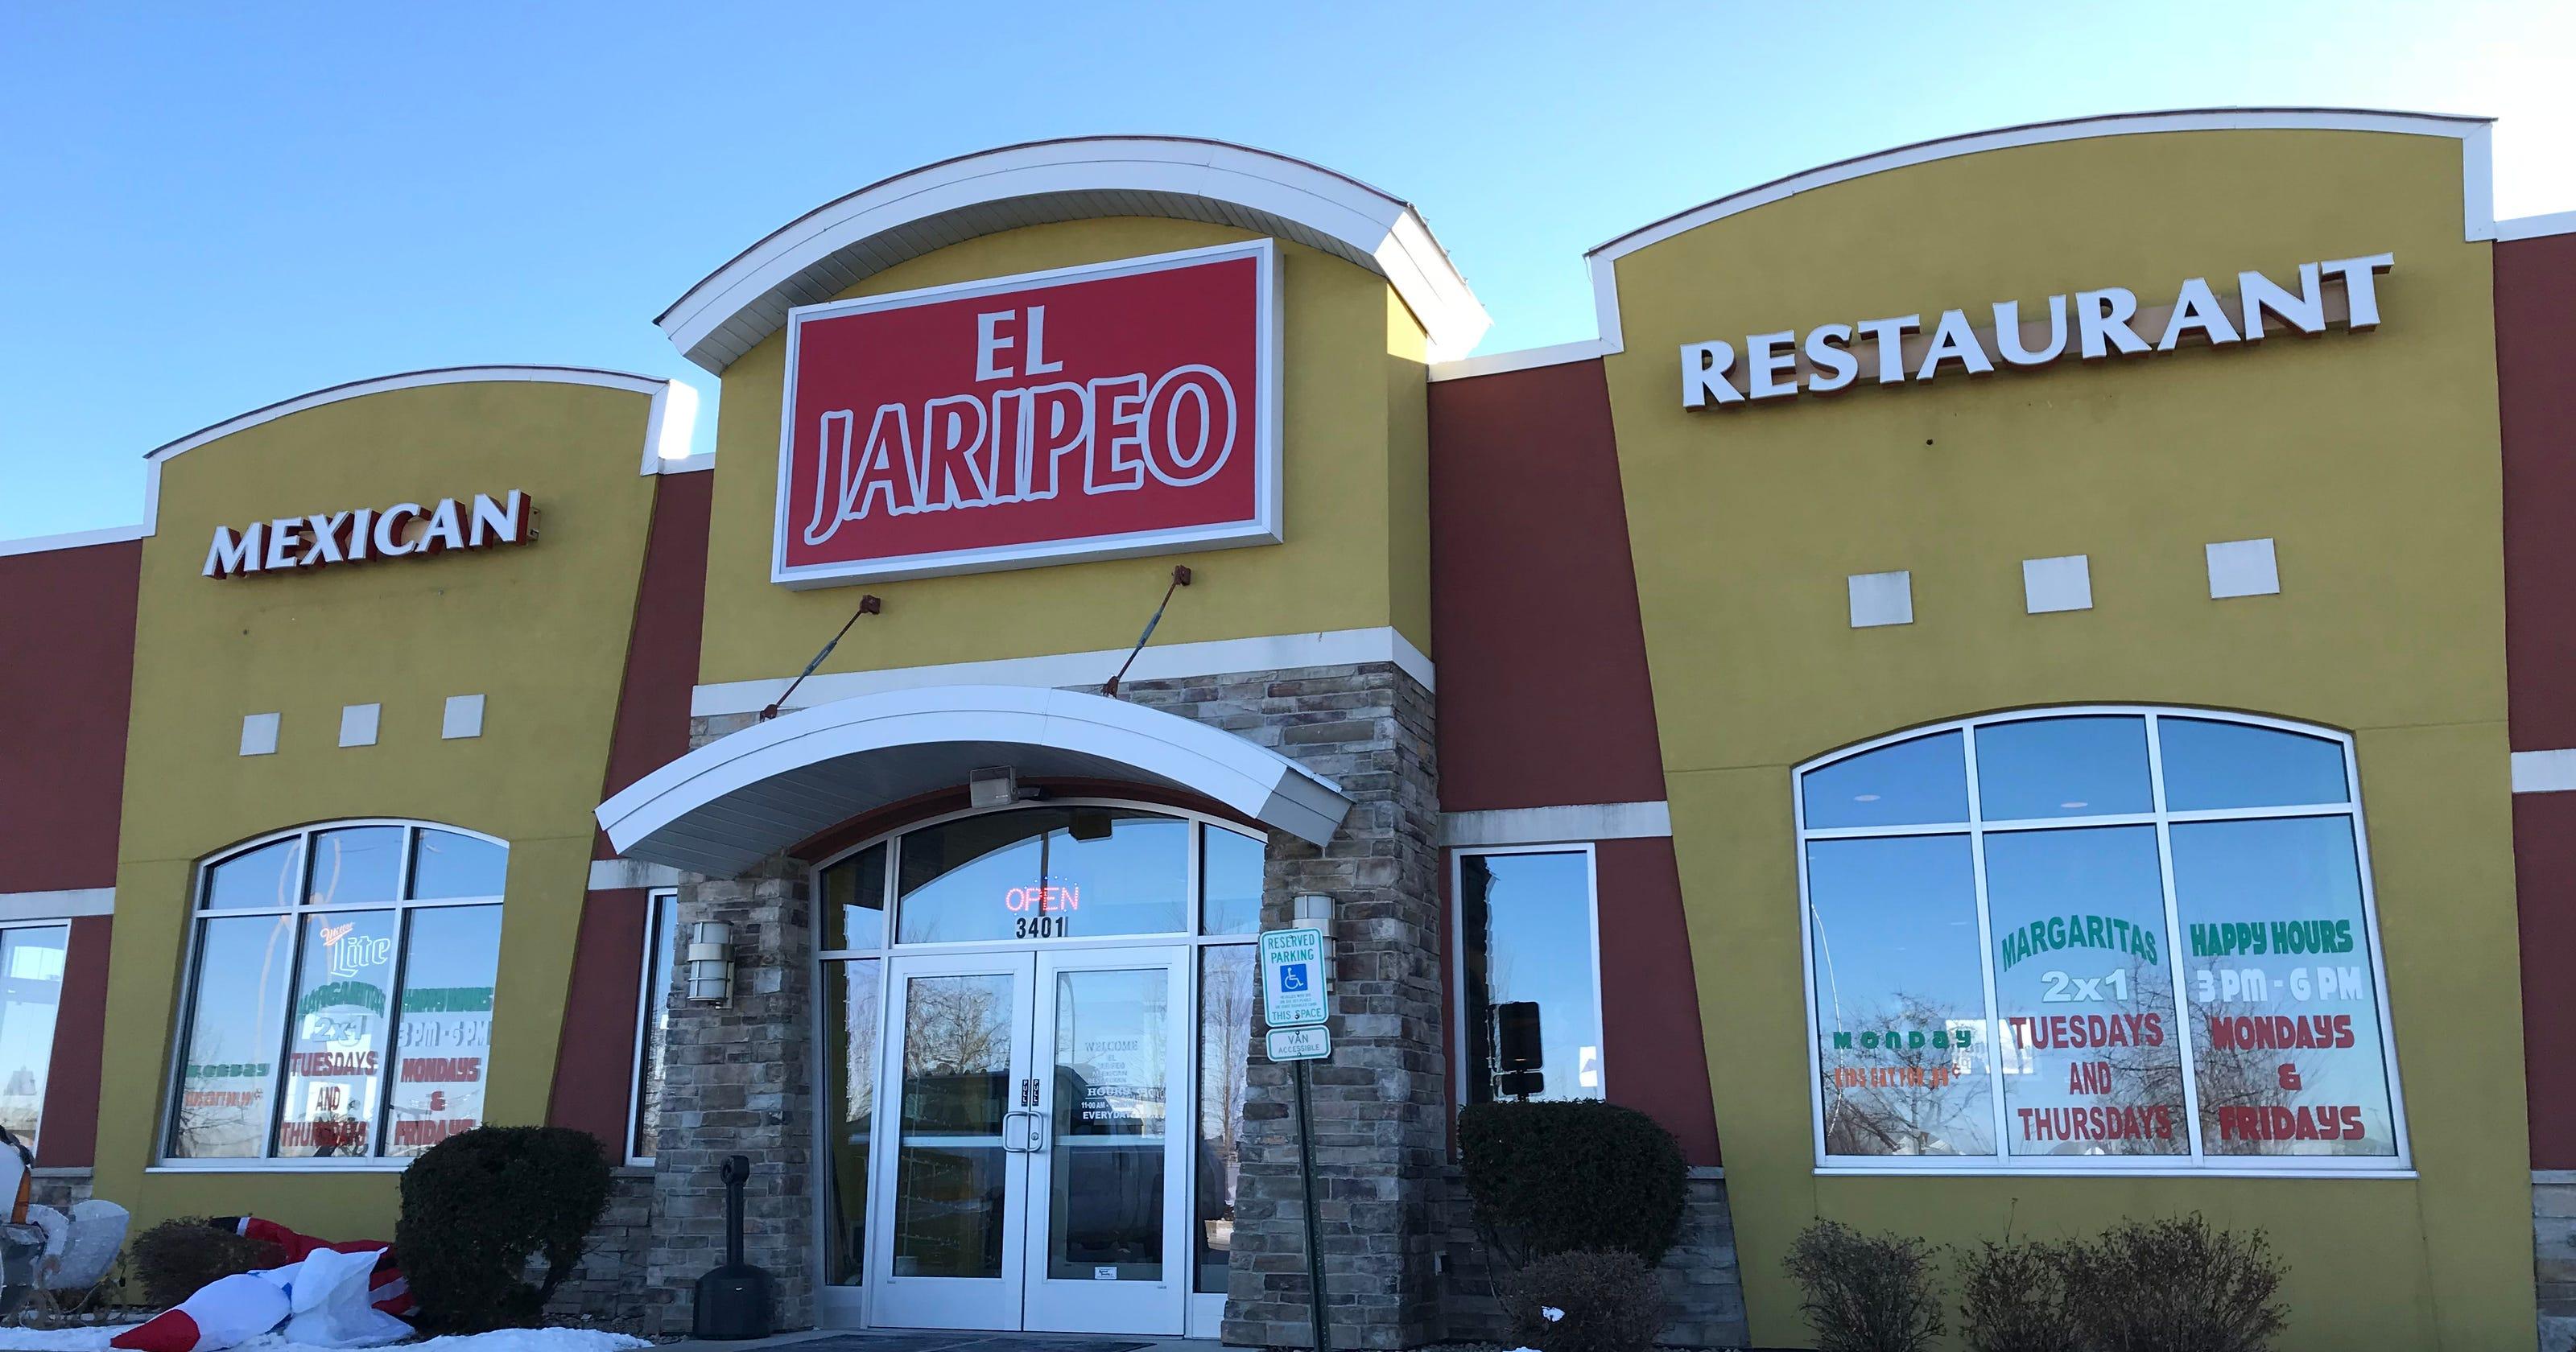 The Buzz: El Jaripeo's owners split, and split 3 restaurants up